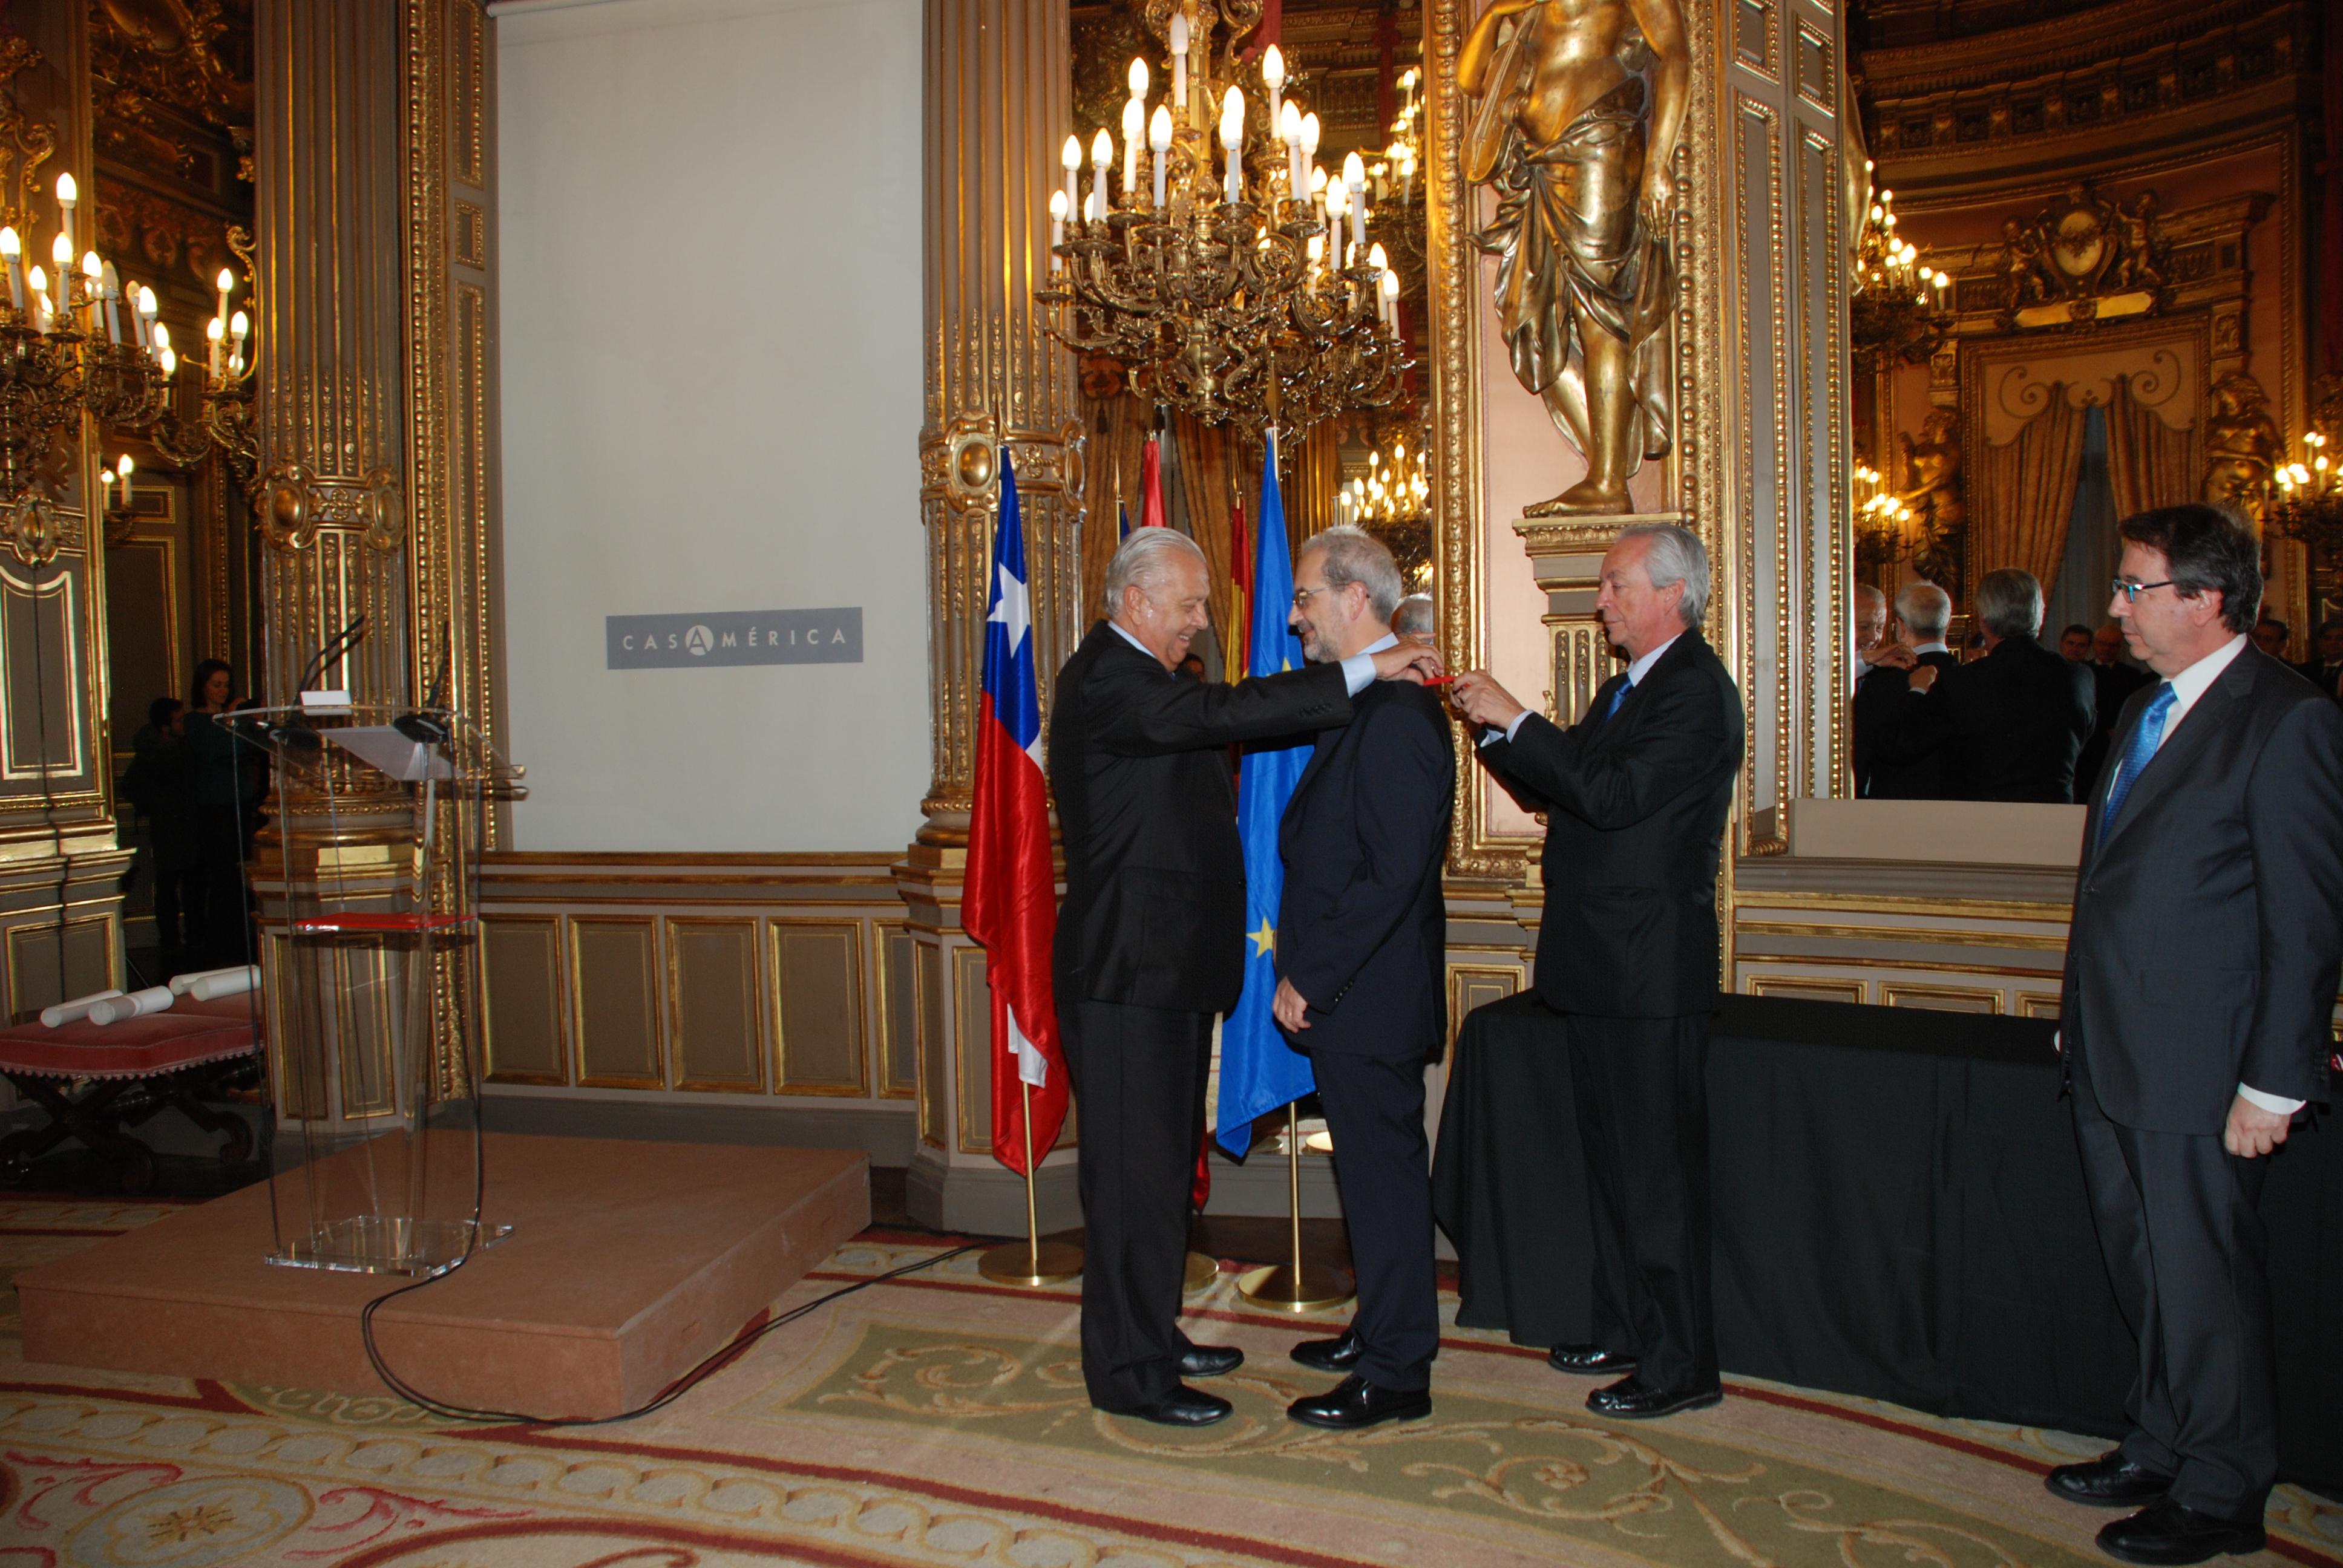 El rector de la Universidad de Salamanca, Daniel Hernández Ruipérez, ha sido distinguido con la orden 'Bernardo O'Higgins'